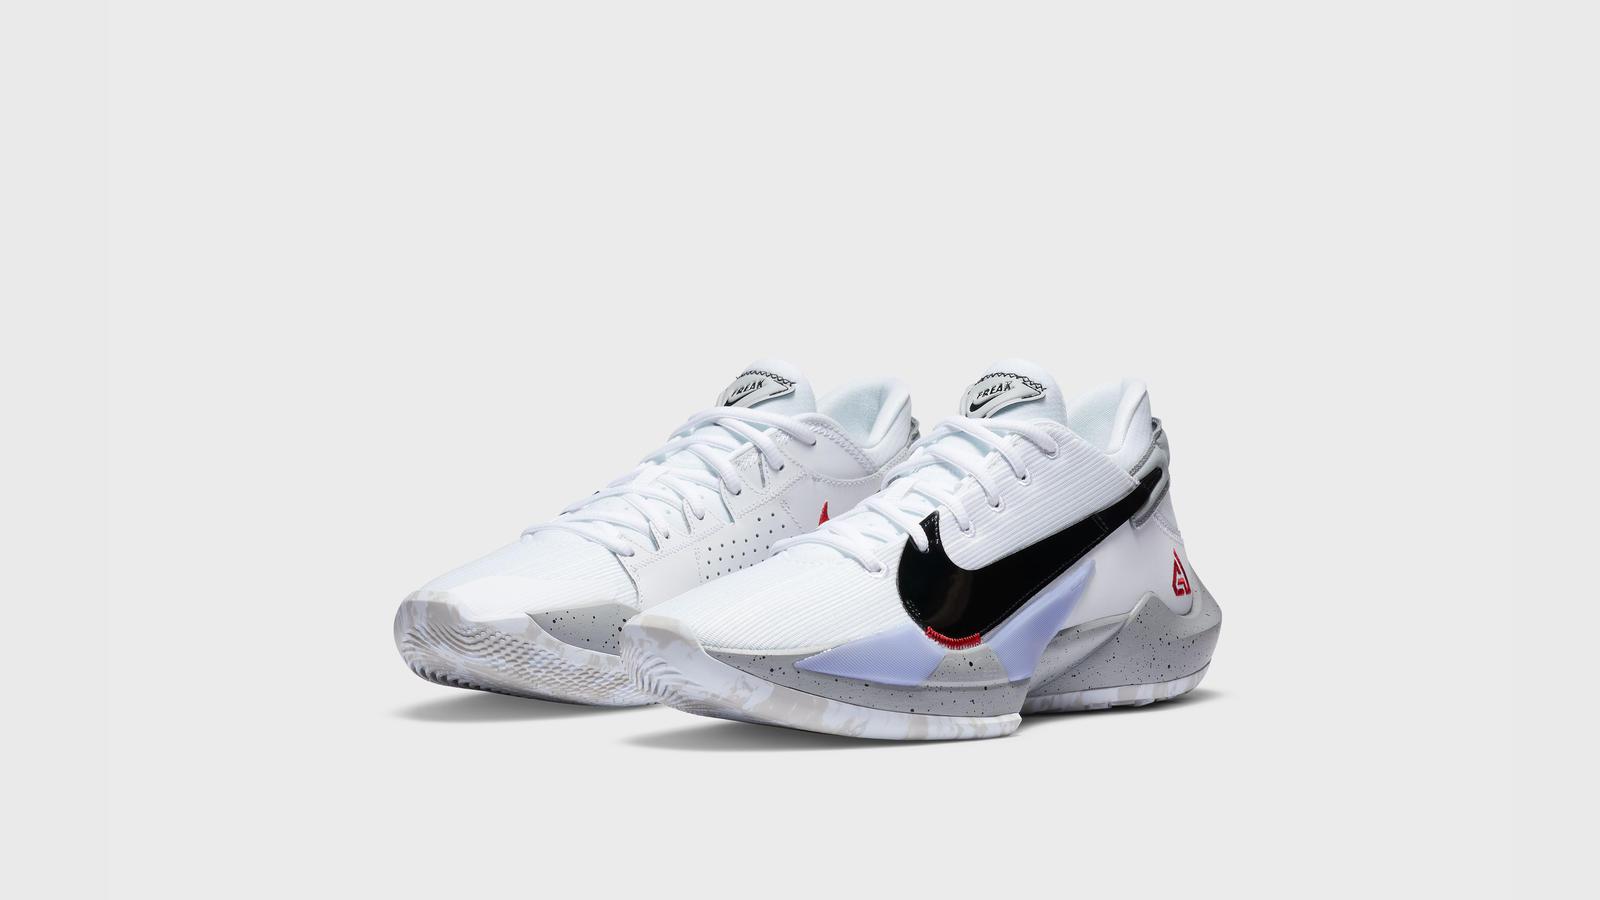 Nike Basketball Footwear NBA and WNBA Return 2020 19